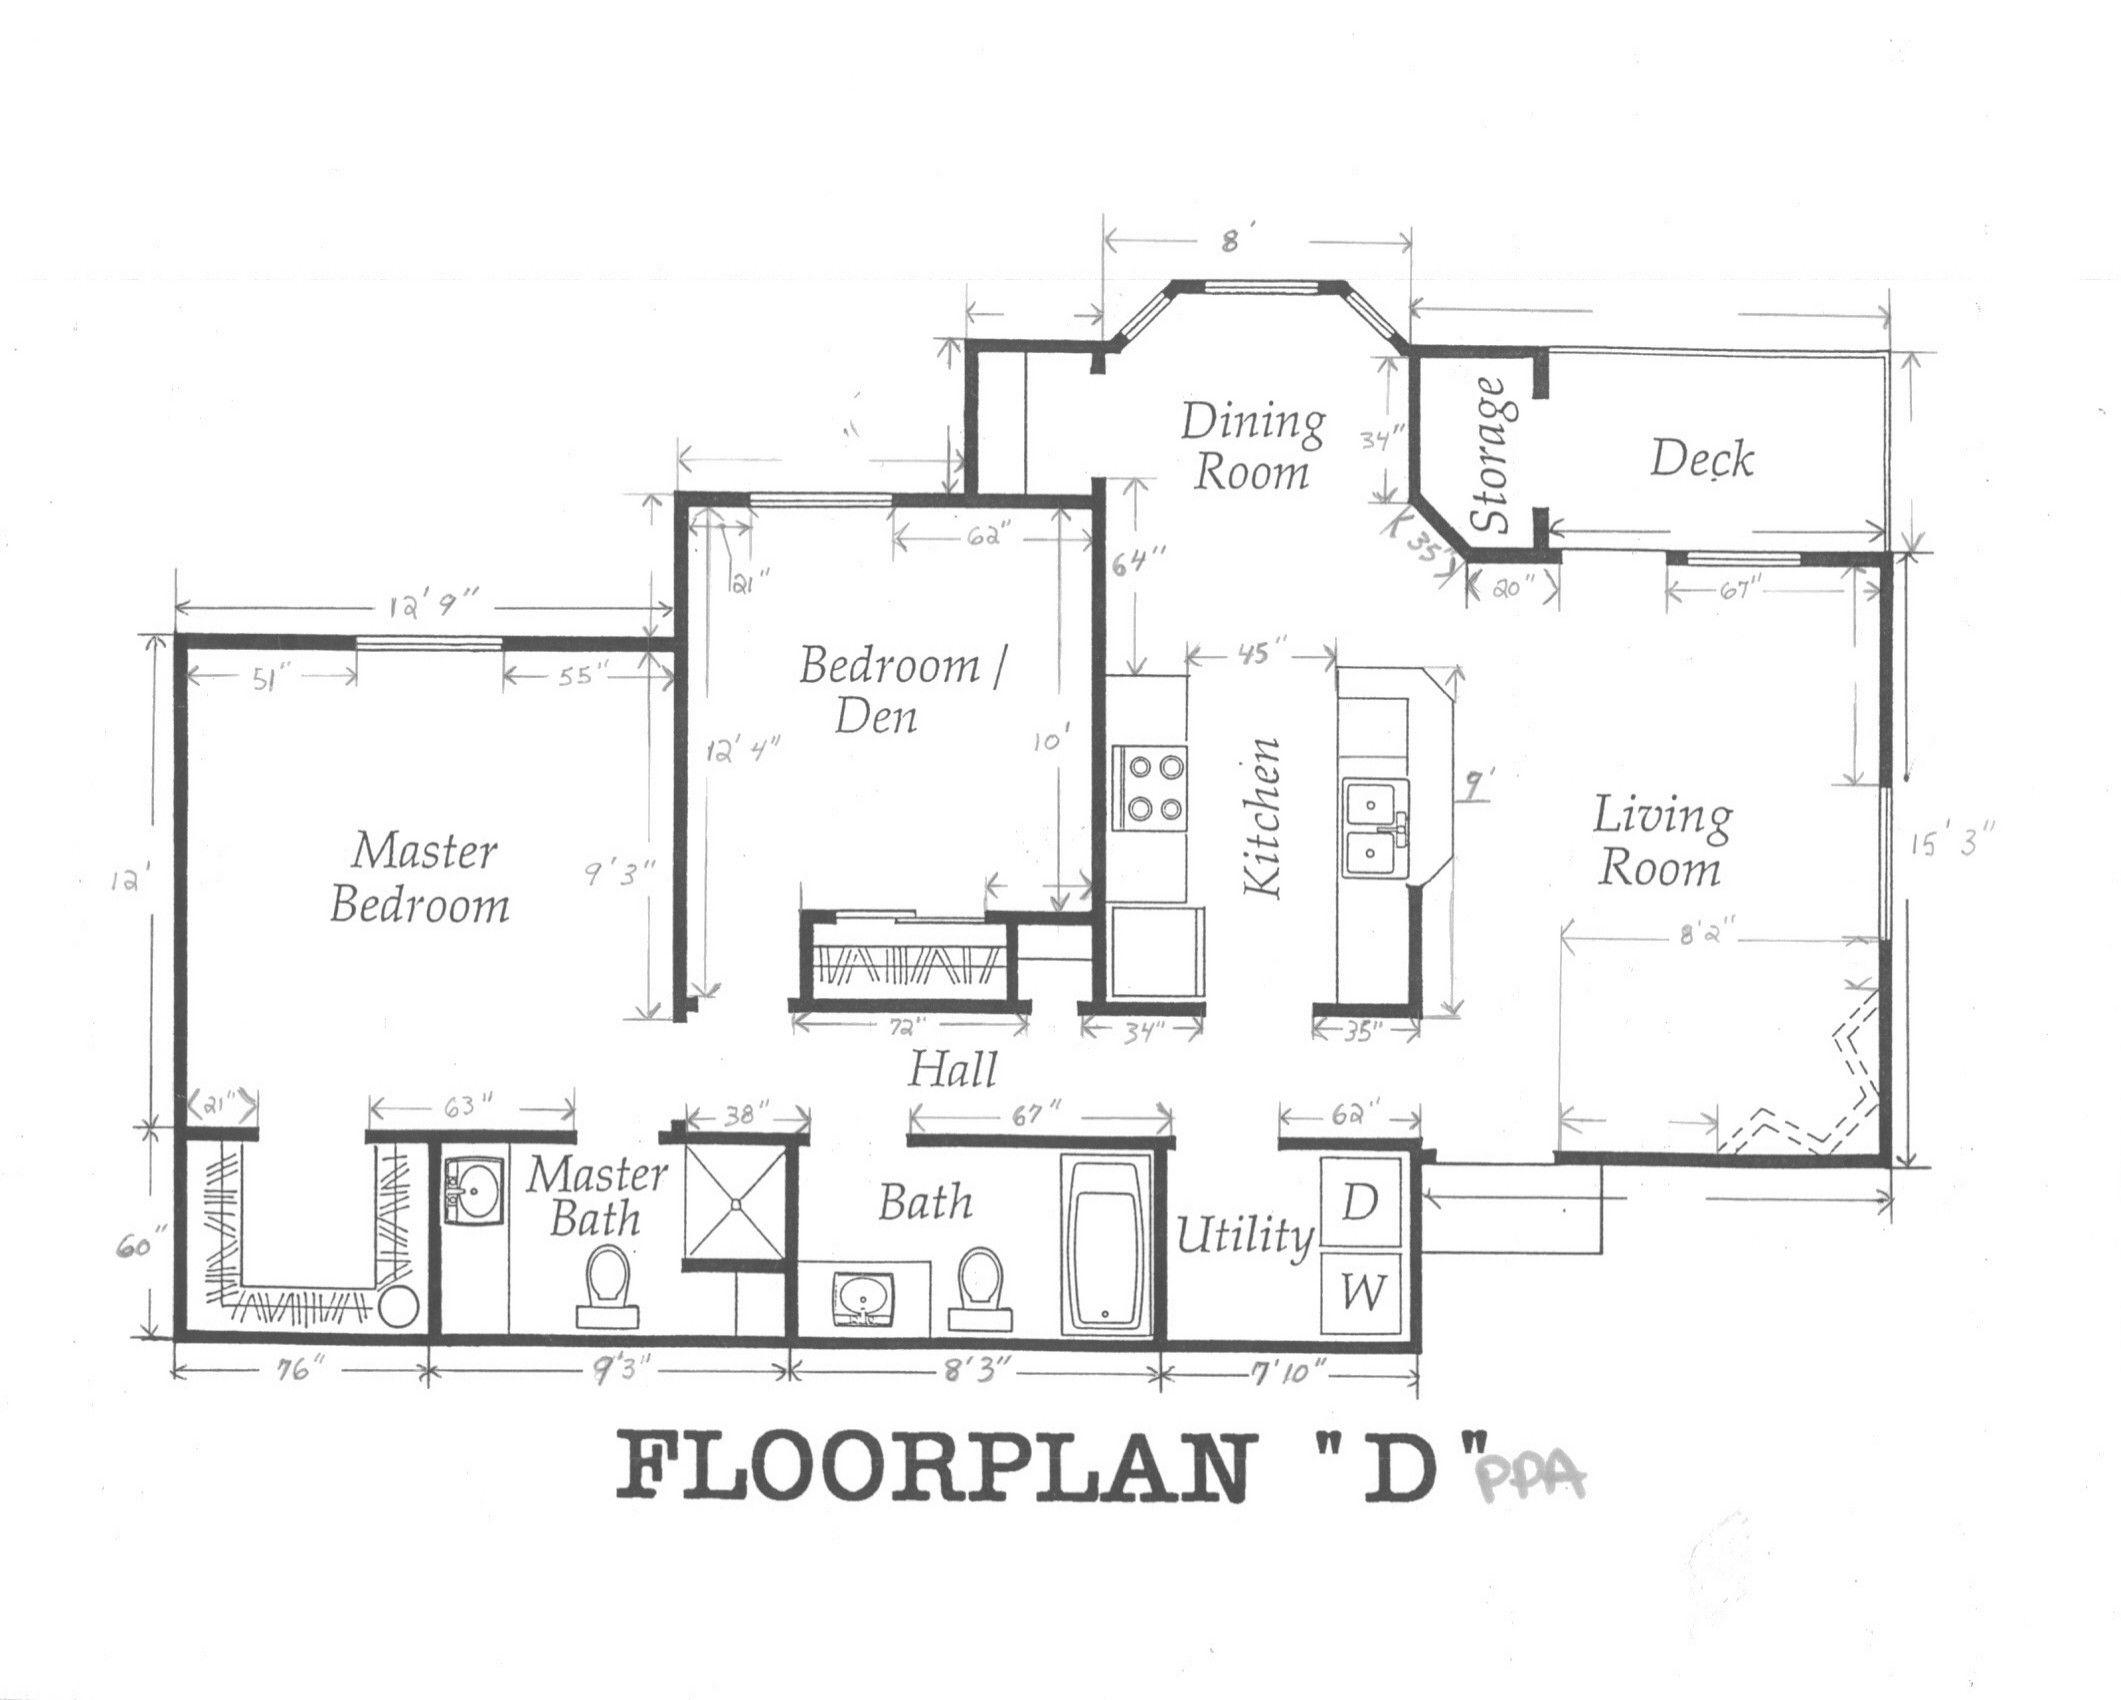 Ef2fdd768674b8324bc44350d8c0ff89 Horse Bedroom Ideas Makrillarna Com On Residential Bathroom Floor Plans